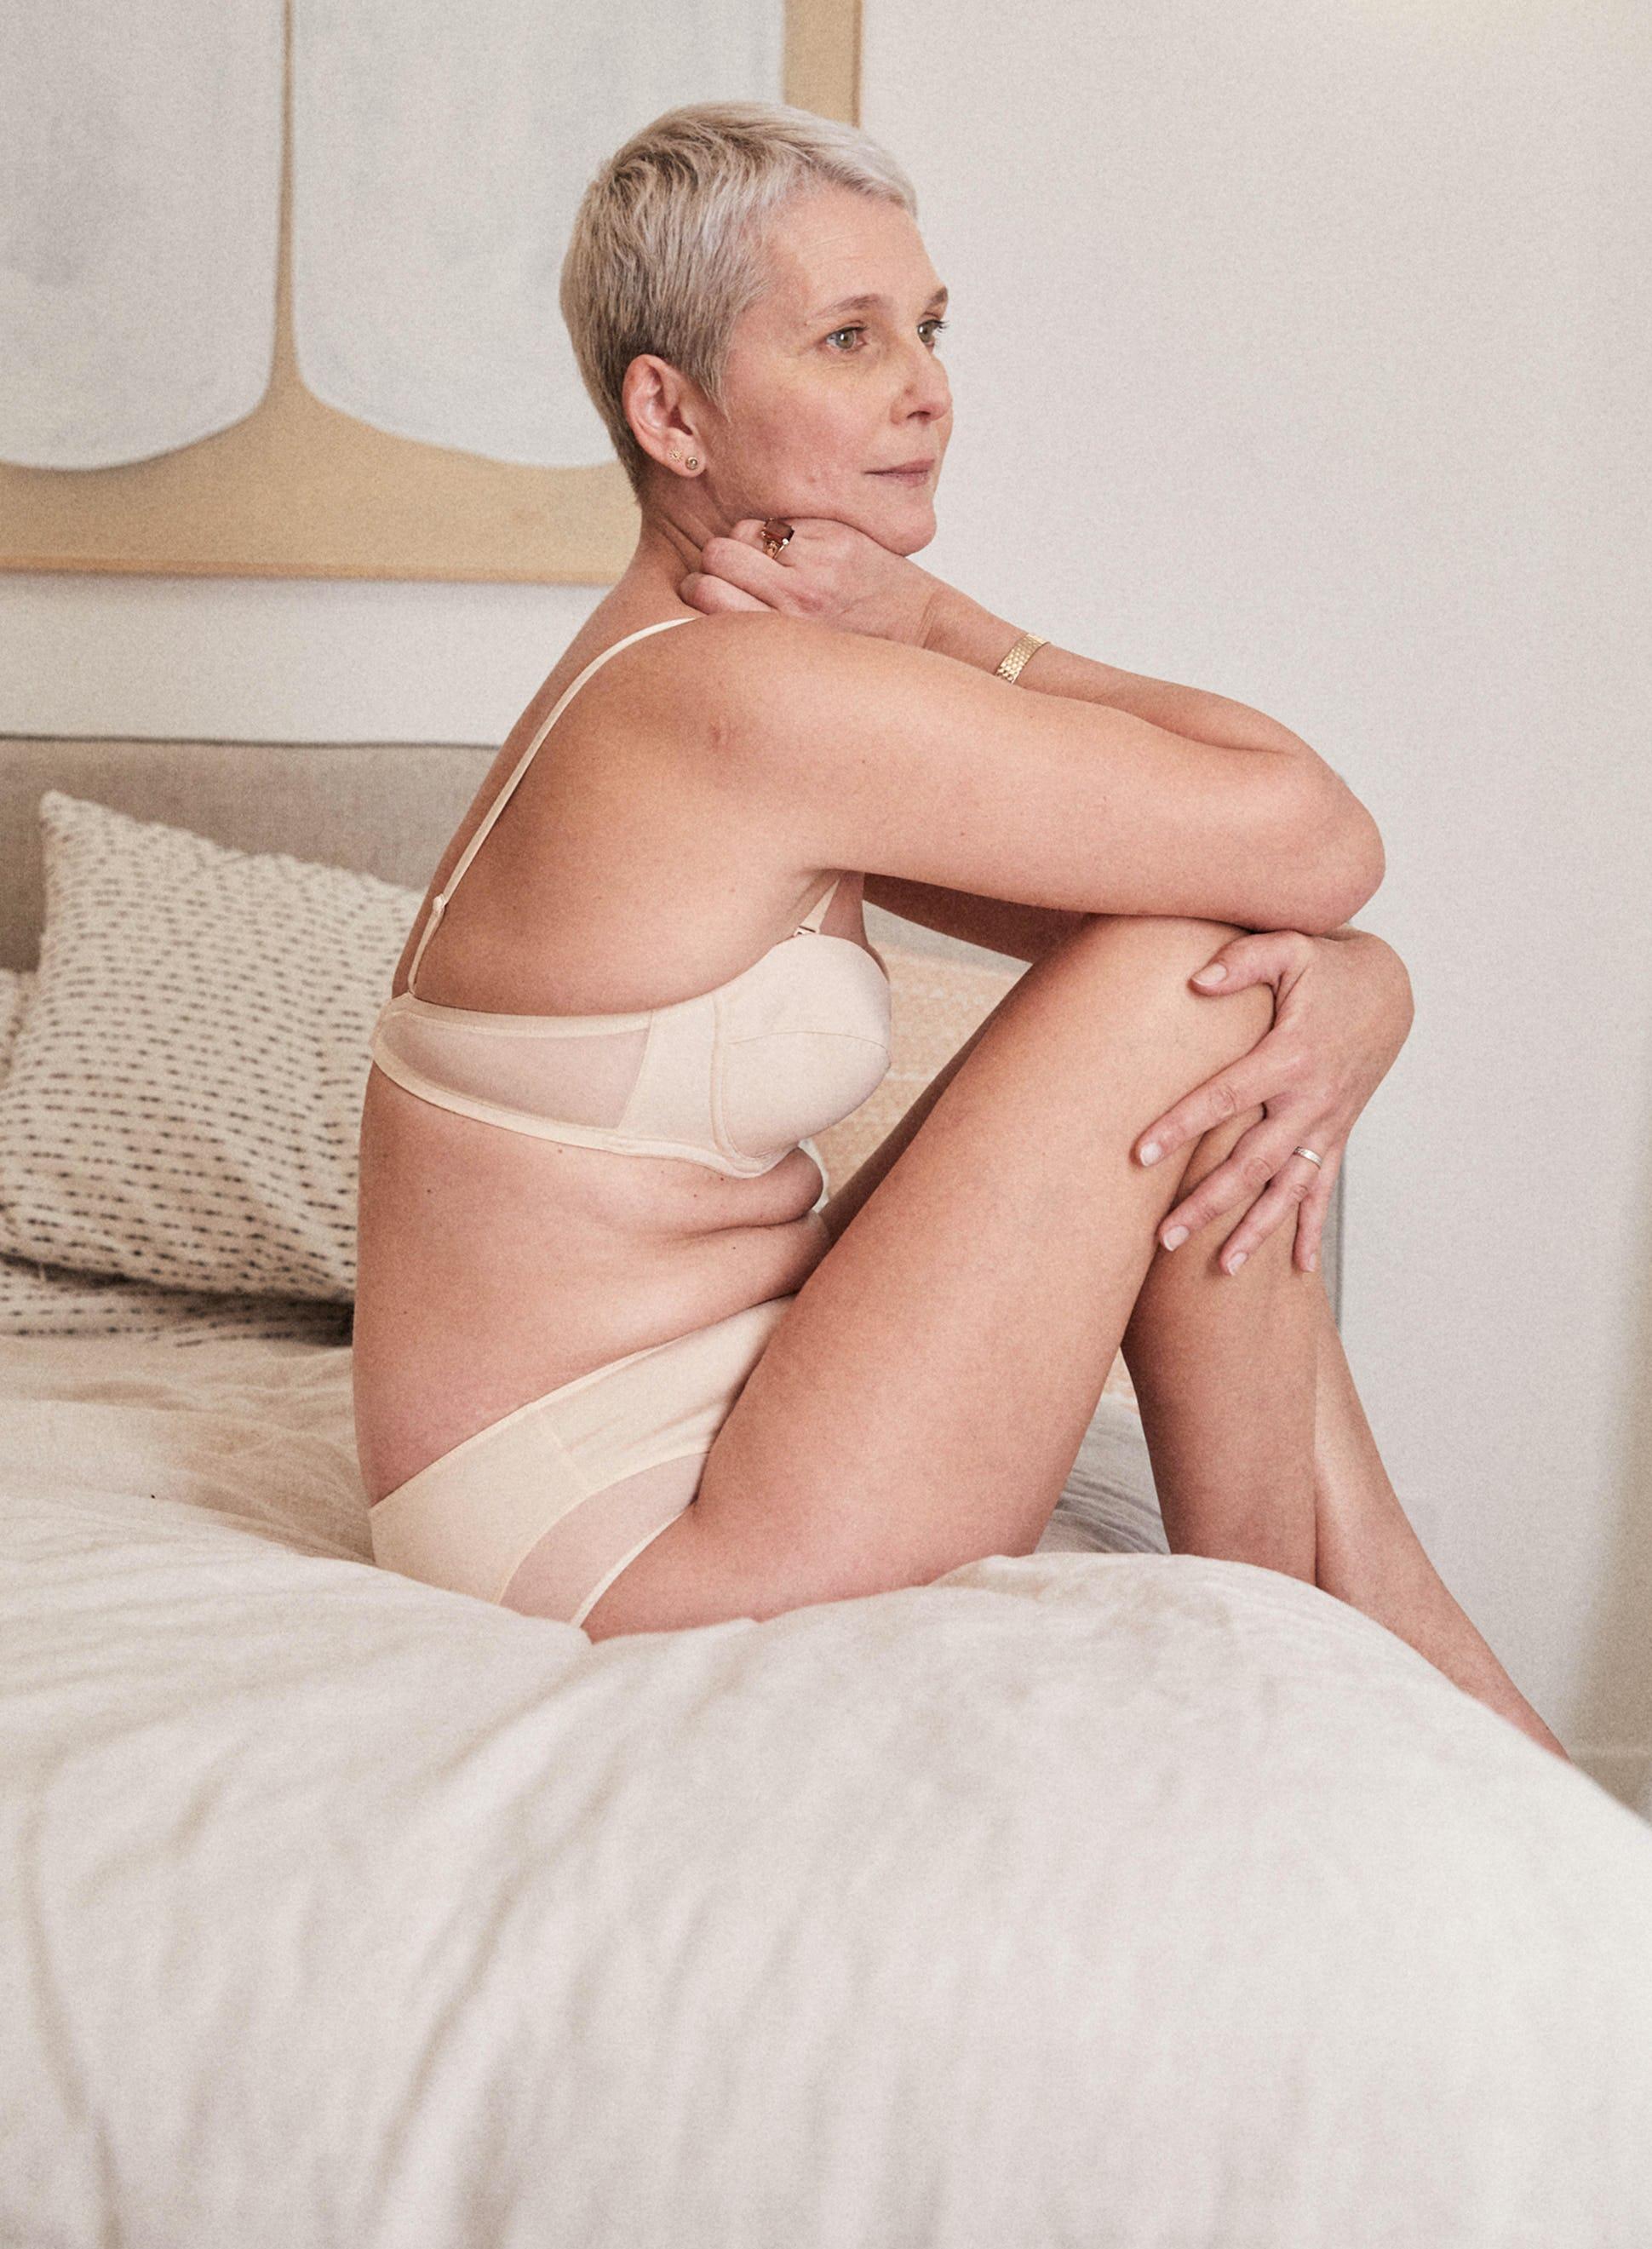 Culotte mi-haute histoire de femmes nude